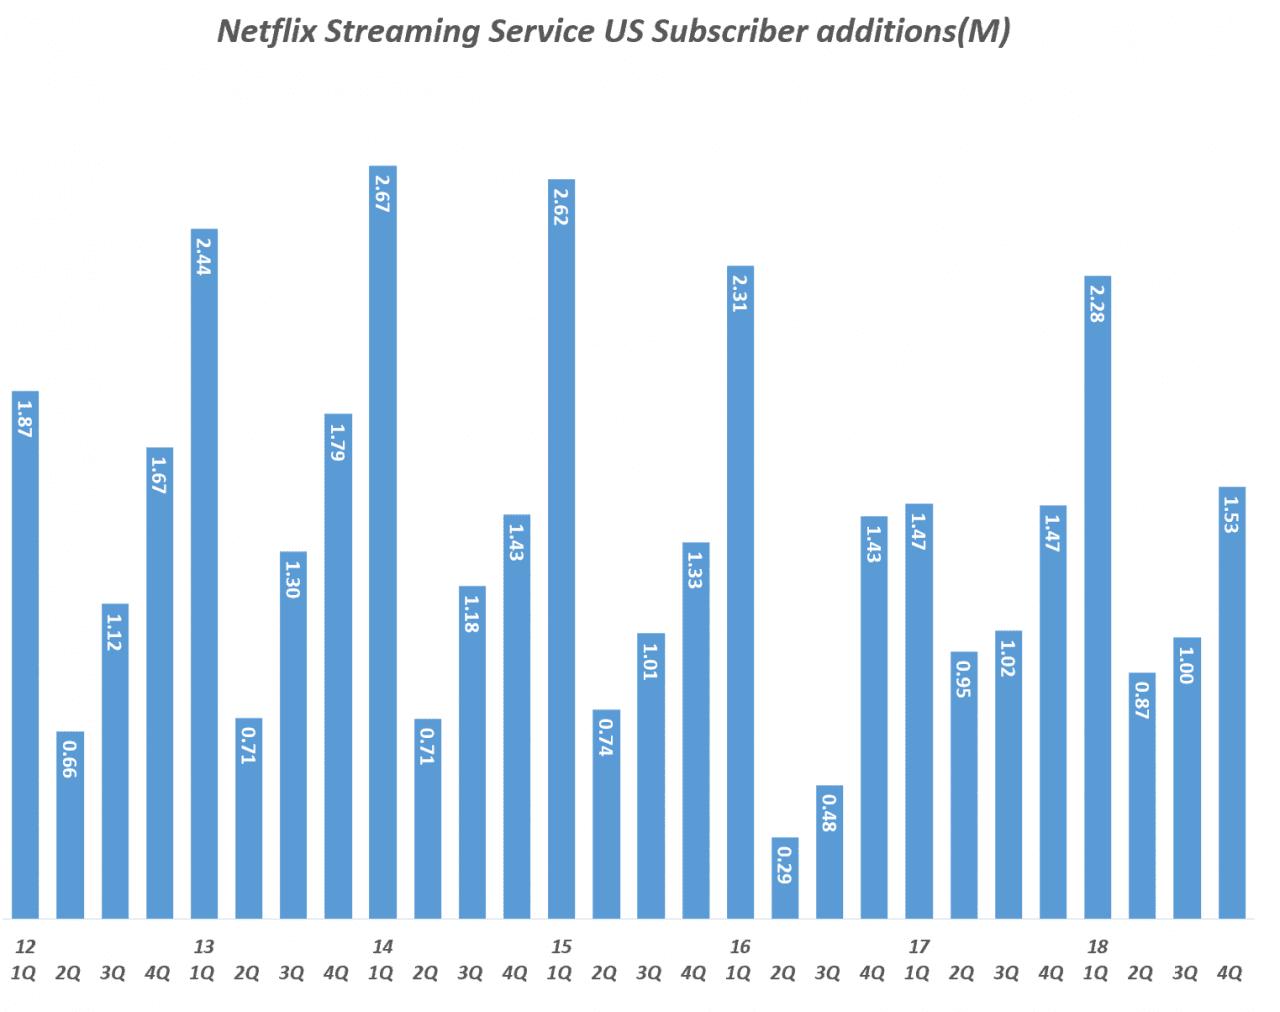 넷플릭스 분기별 스트리밍 서비스 미국 유료 구독자 증가 추이(2012년 1분기 ~ 2018년 4분기, Quarterly Netflix Streaming Service US Subscriber additions(M), Graph by Happist